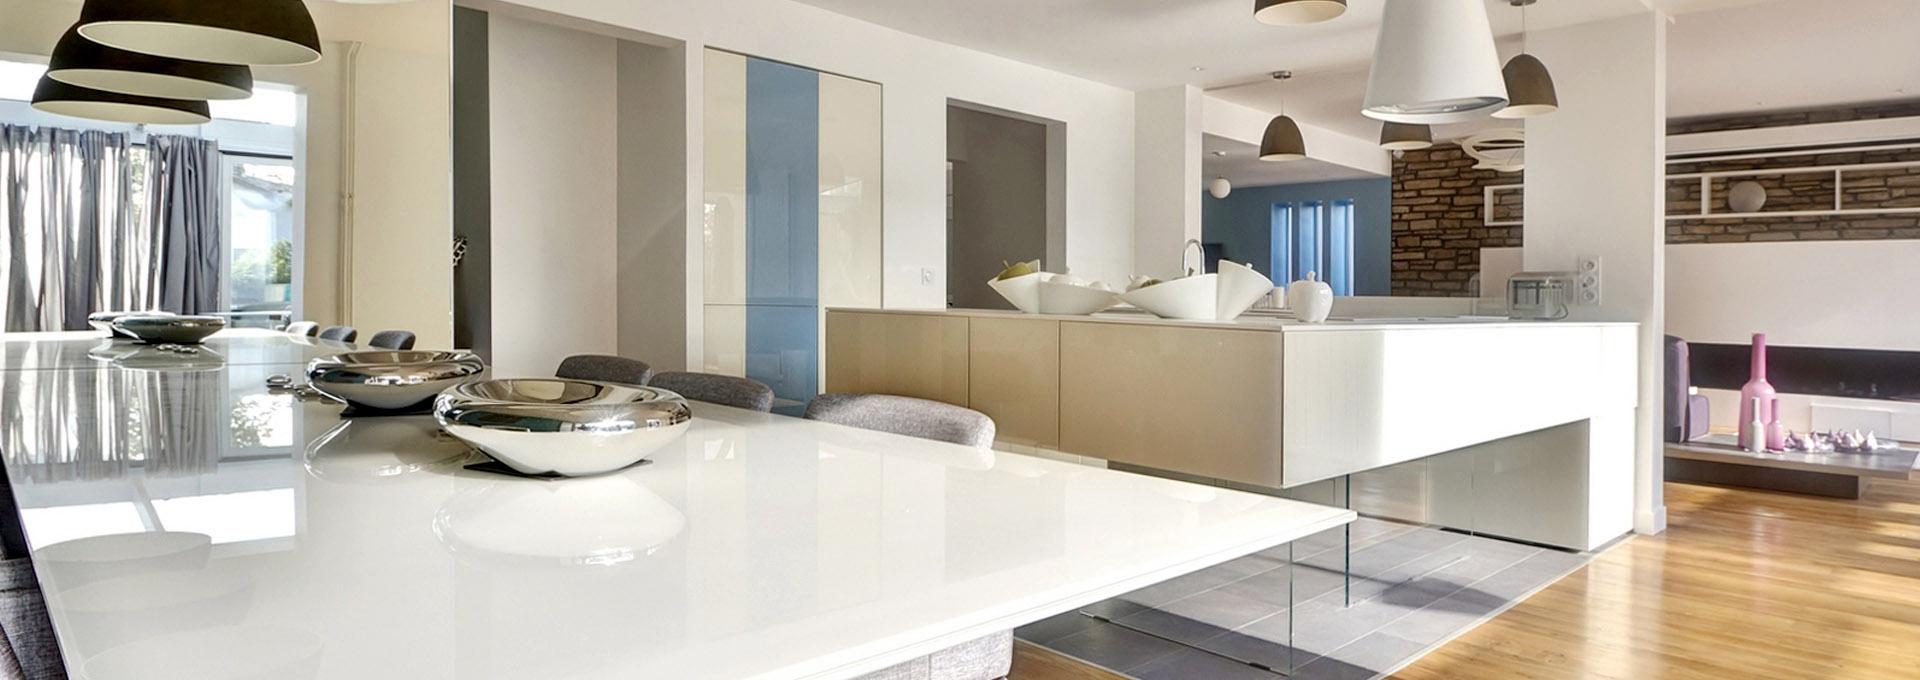 P-Agence-Avous-maison-renovation-luxe-cuisine-lago-table-verre-blanc-laque-parquet-corian